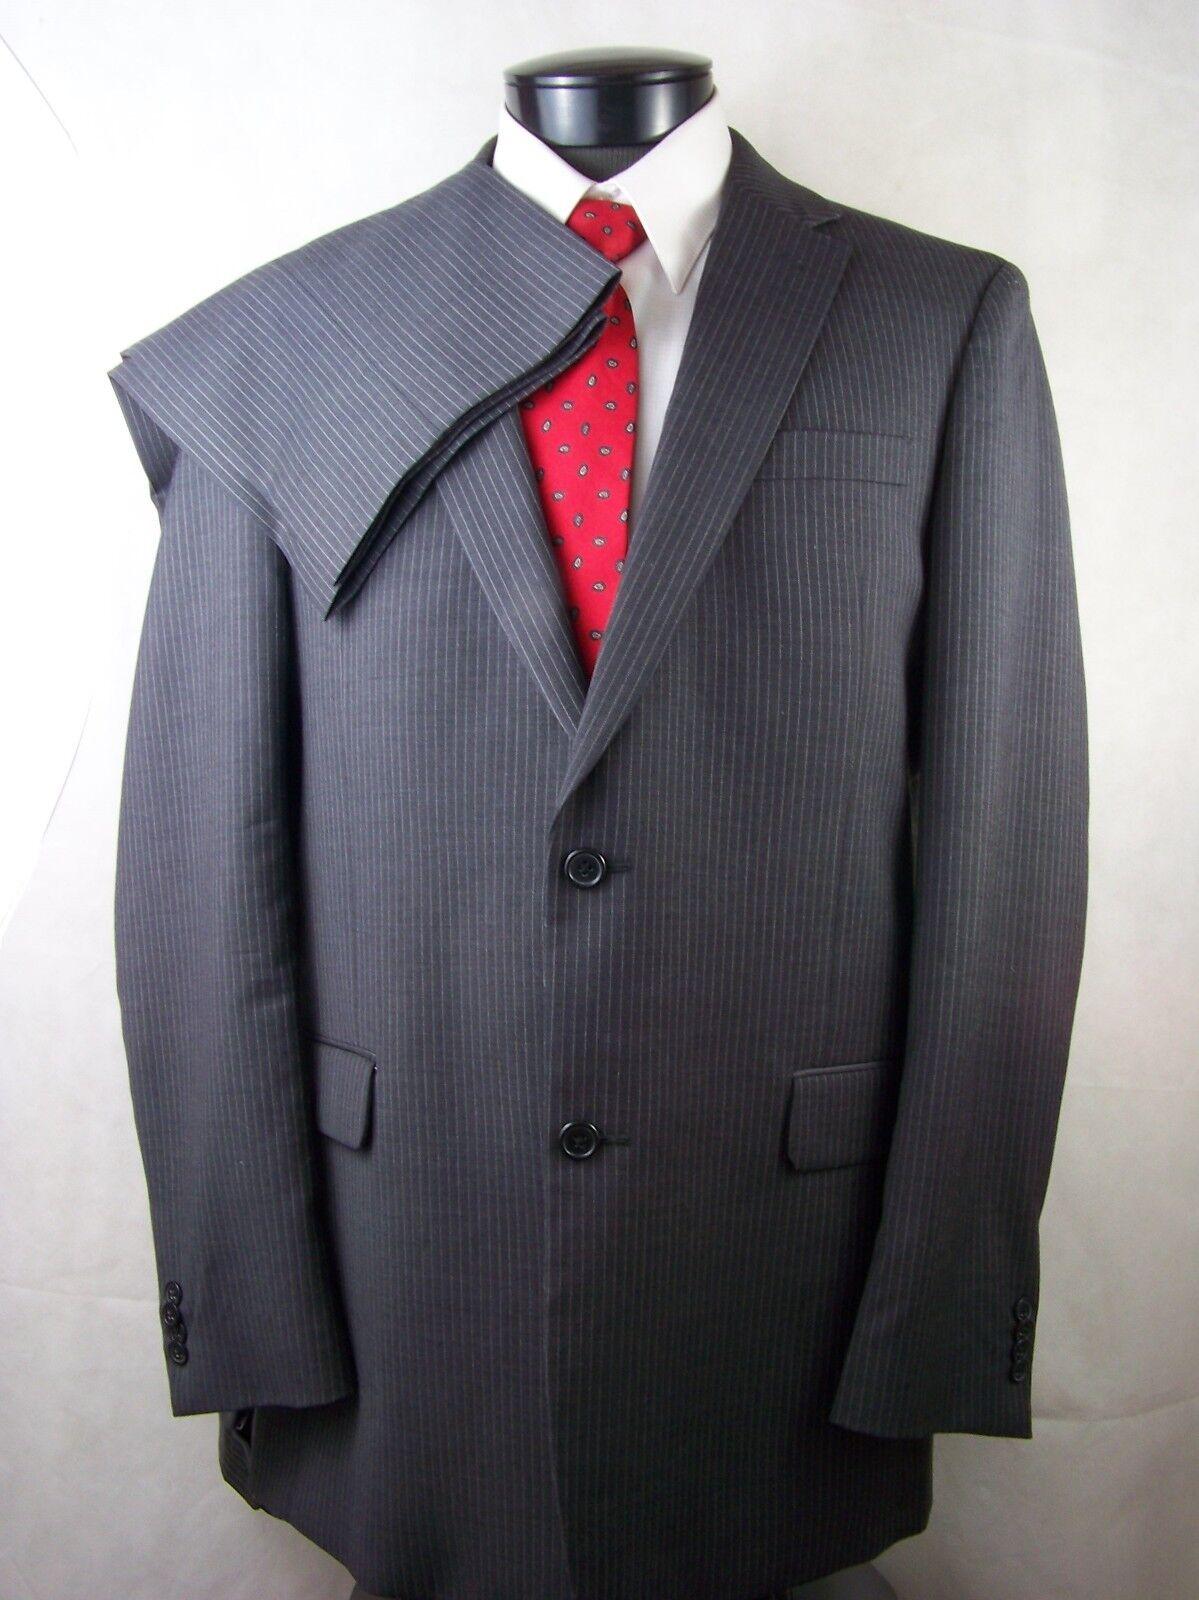 Tommy Hilfiger Suit  Herren grau Striped 2 Button 100% Wool